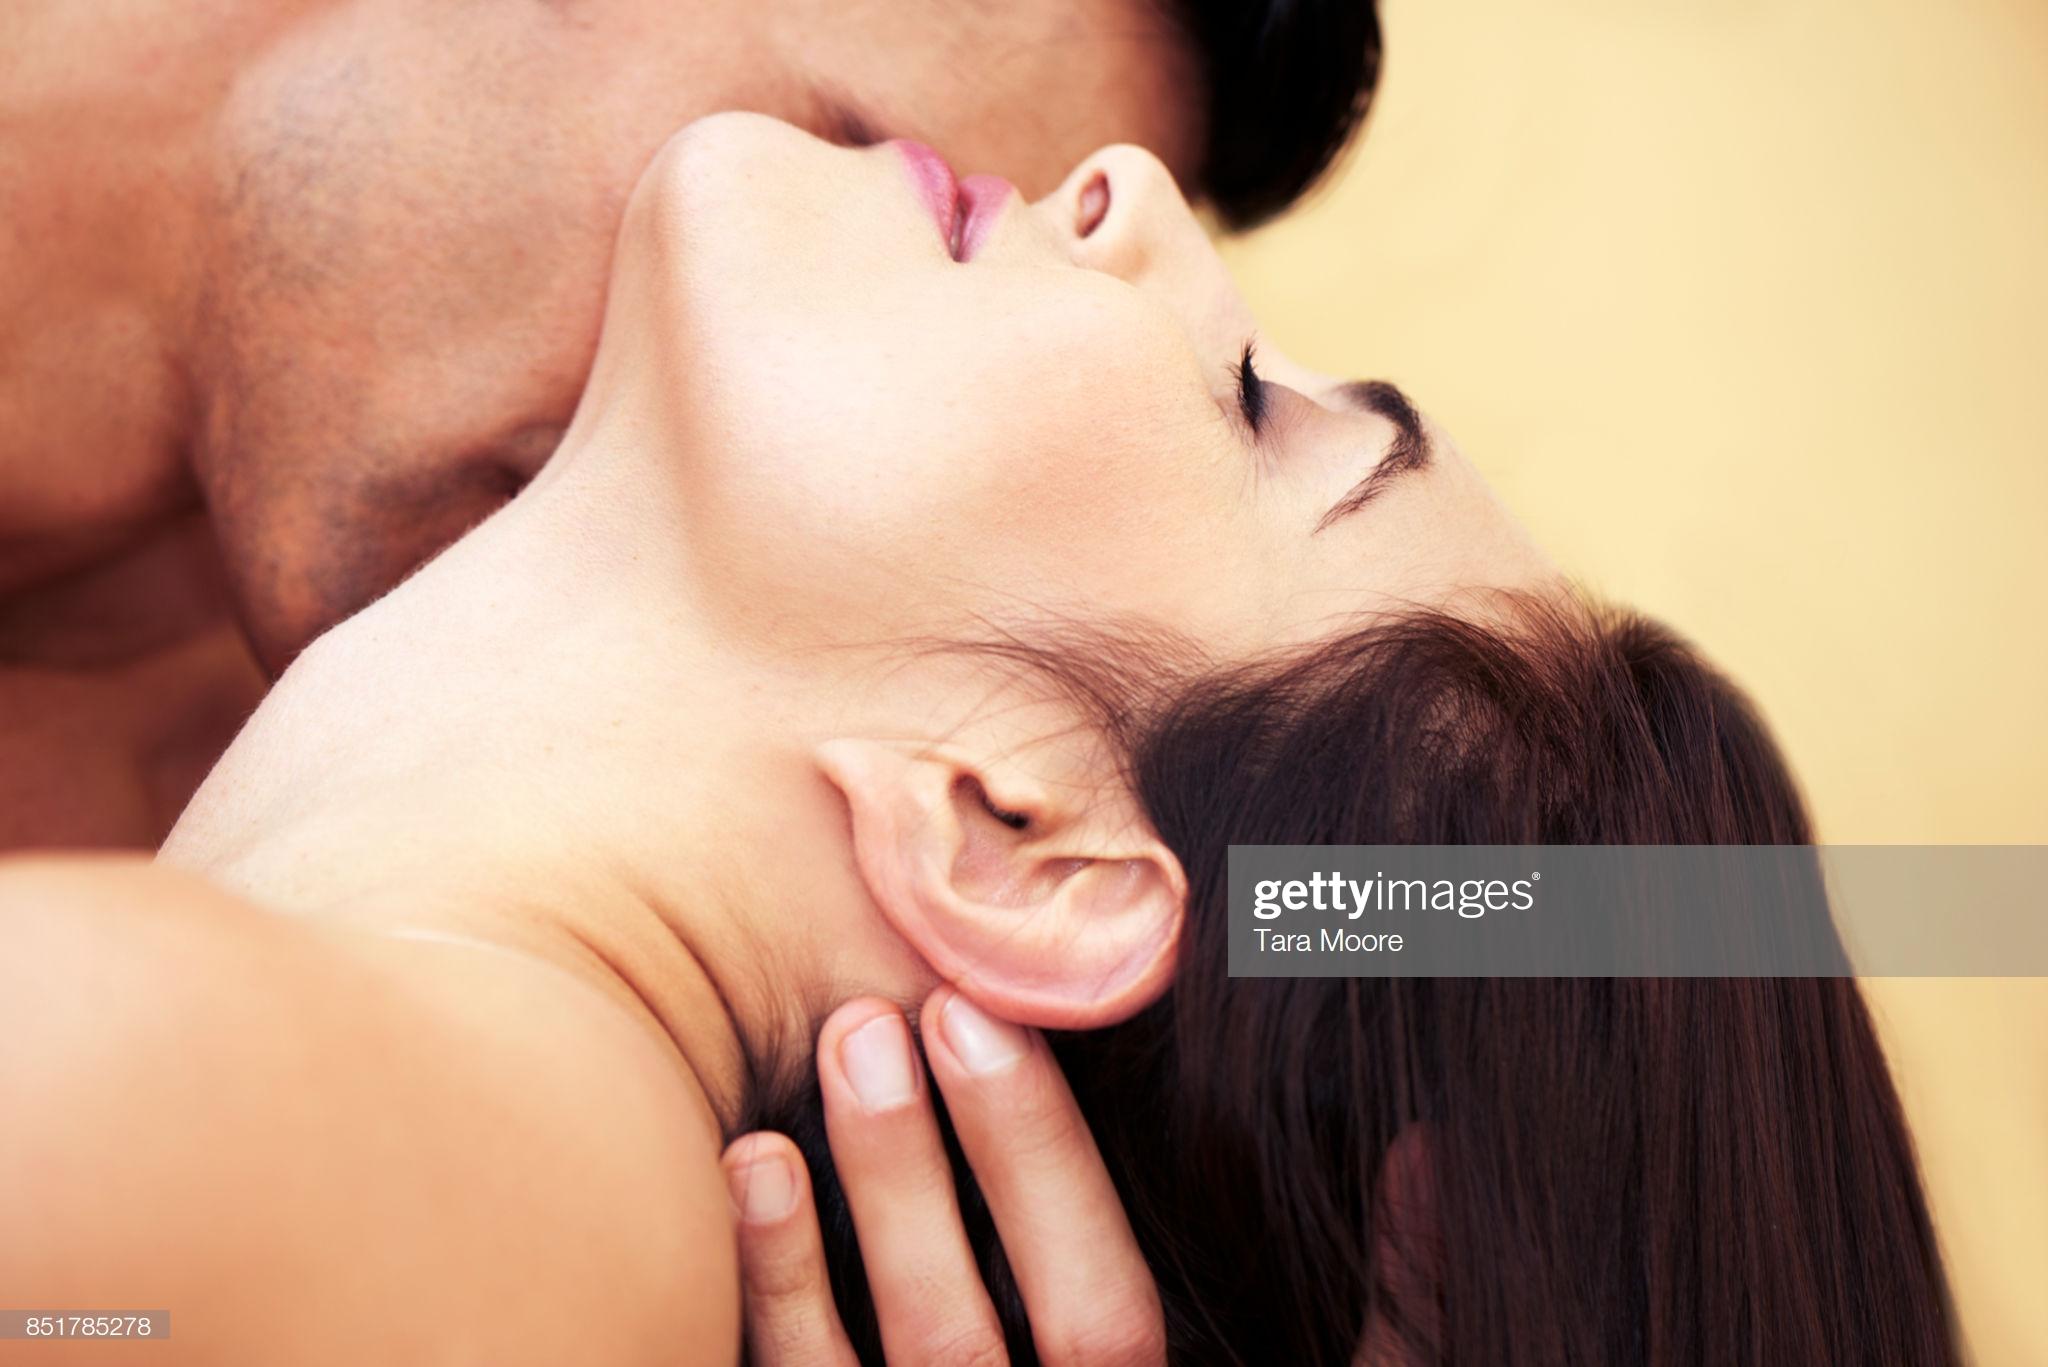 Uomini-Erotismo-RivistaDonna.com